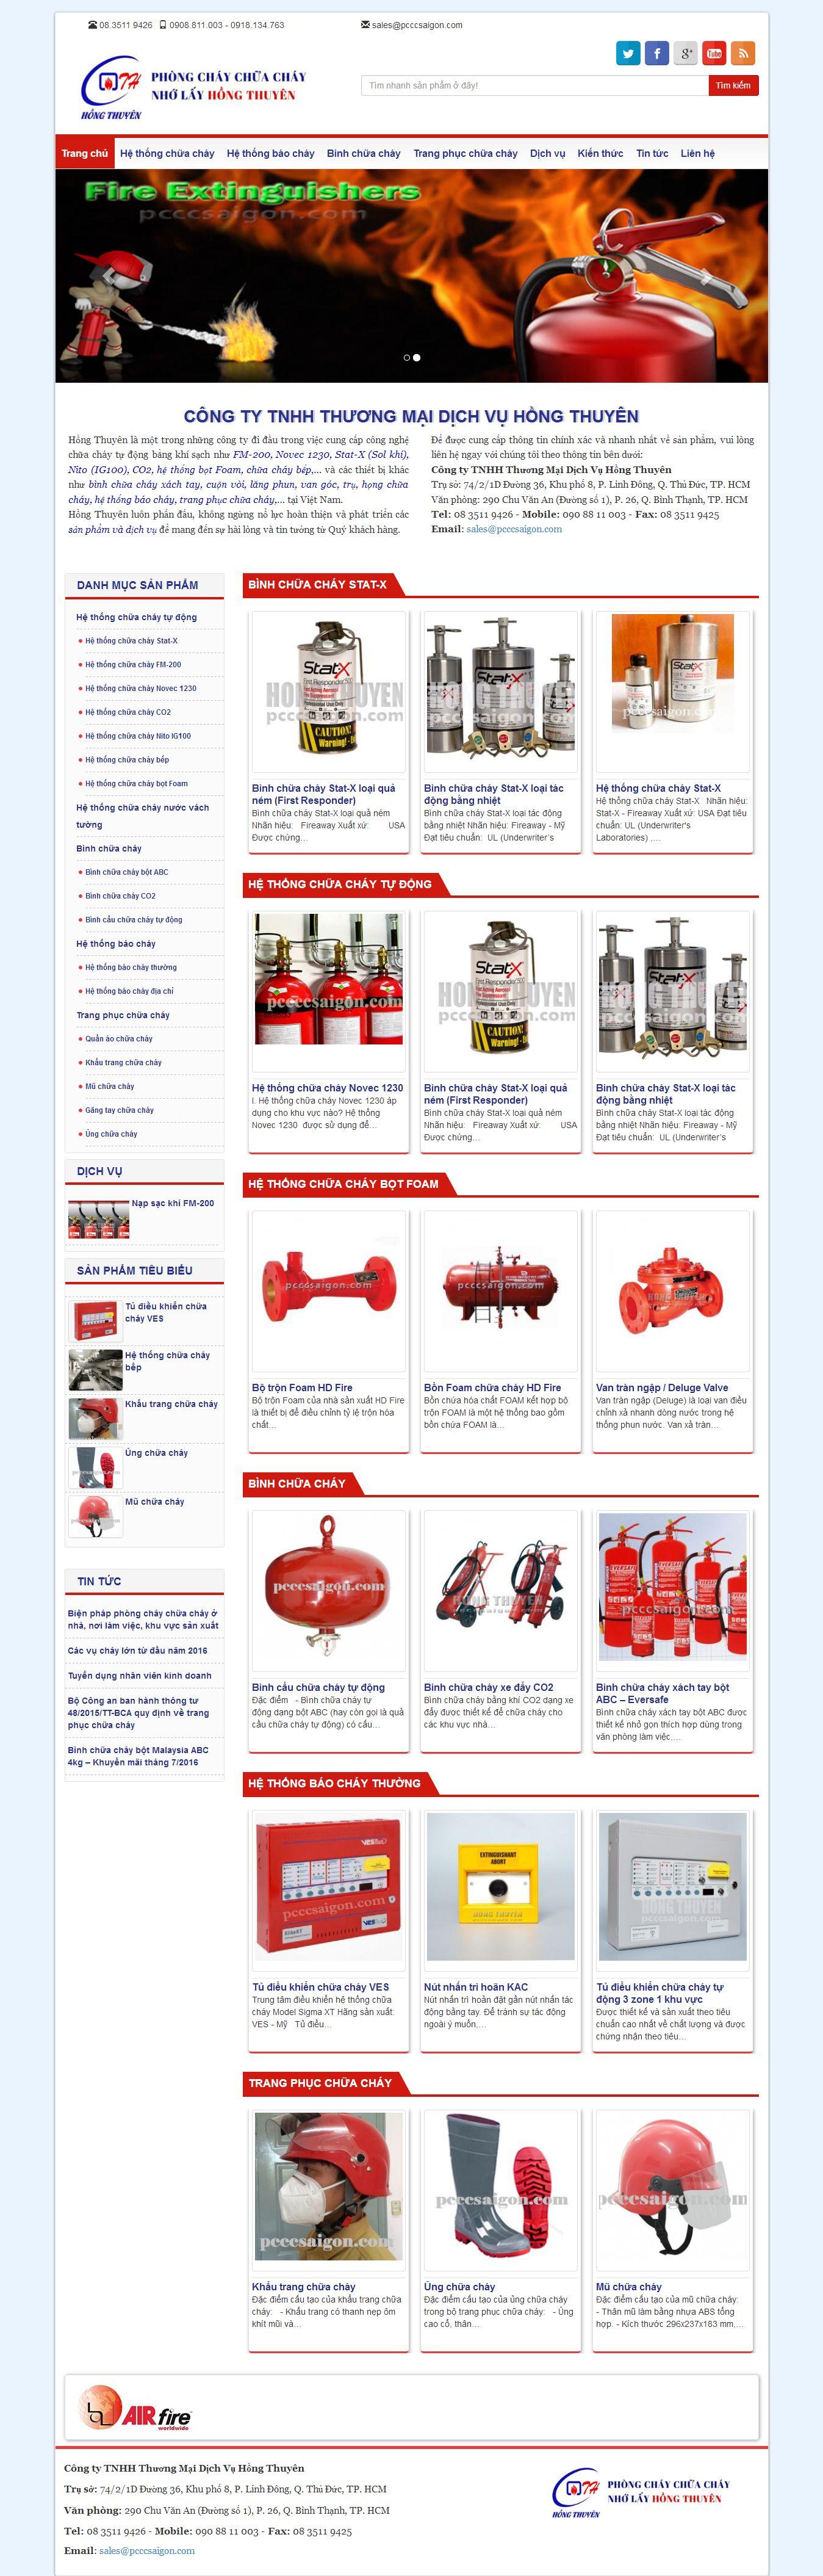 Mẫu website phòng cháy chữa cháy 2344